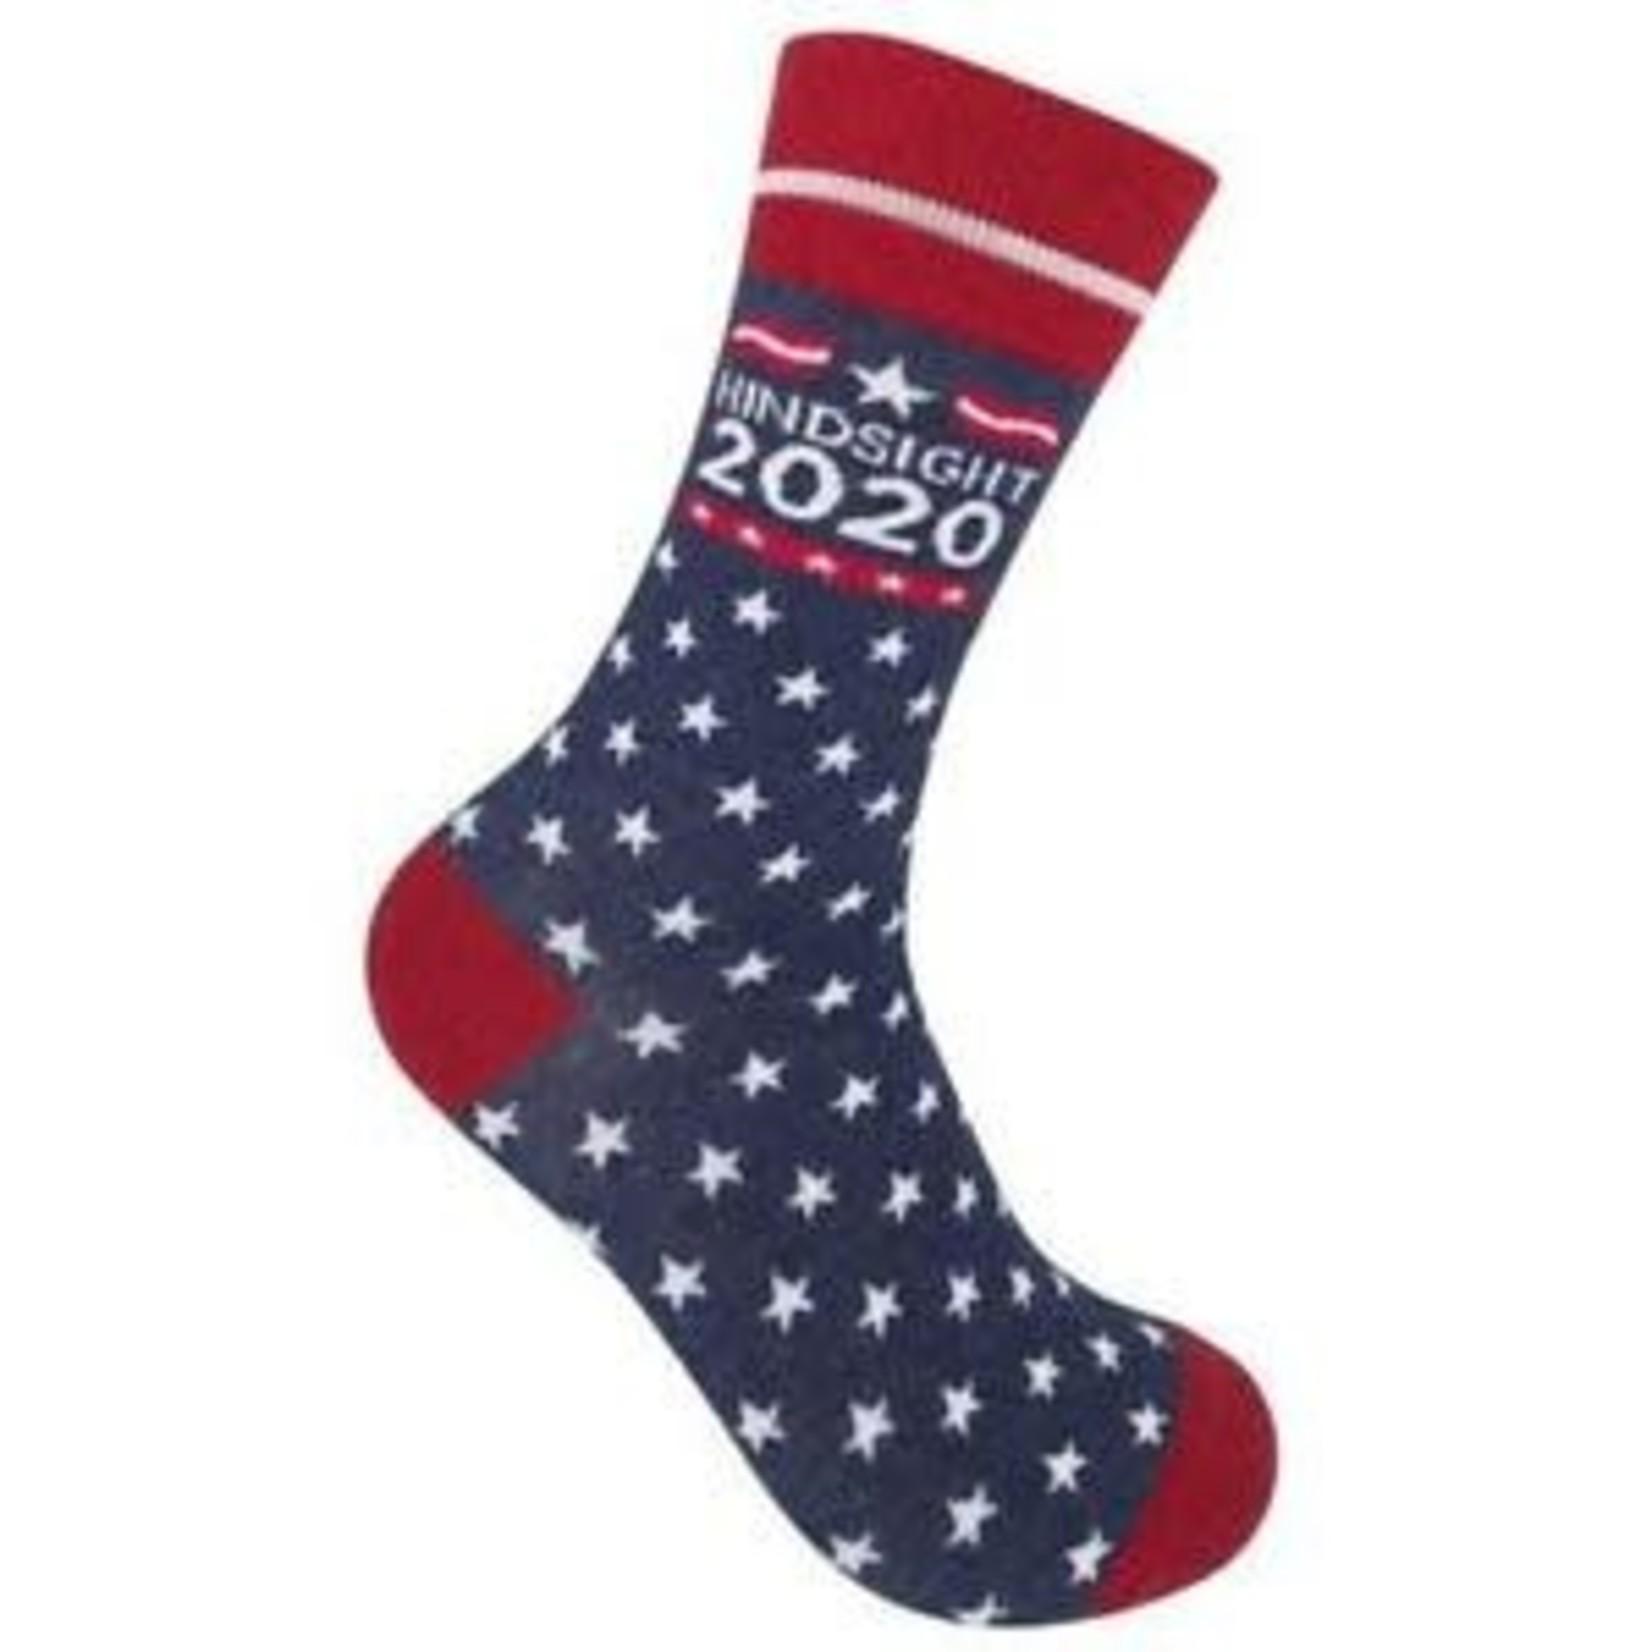 Socks (Unisex) - Hindsight 2020